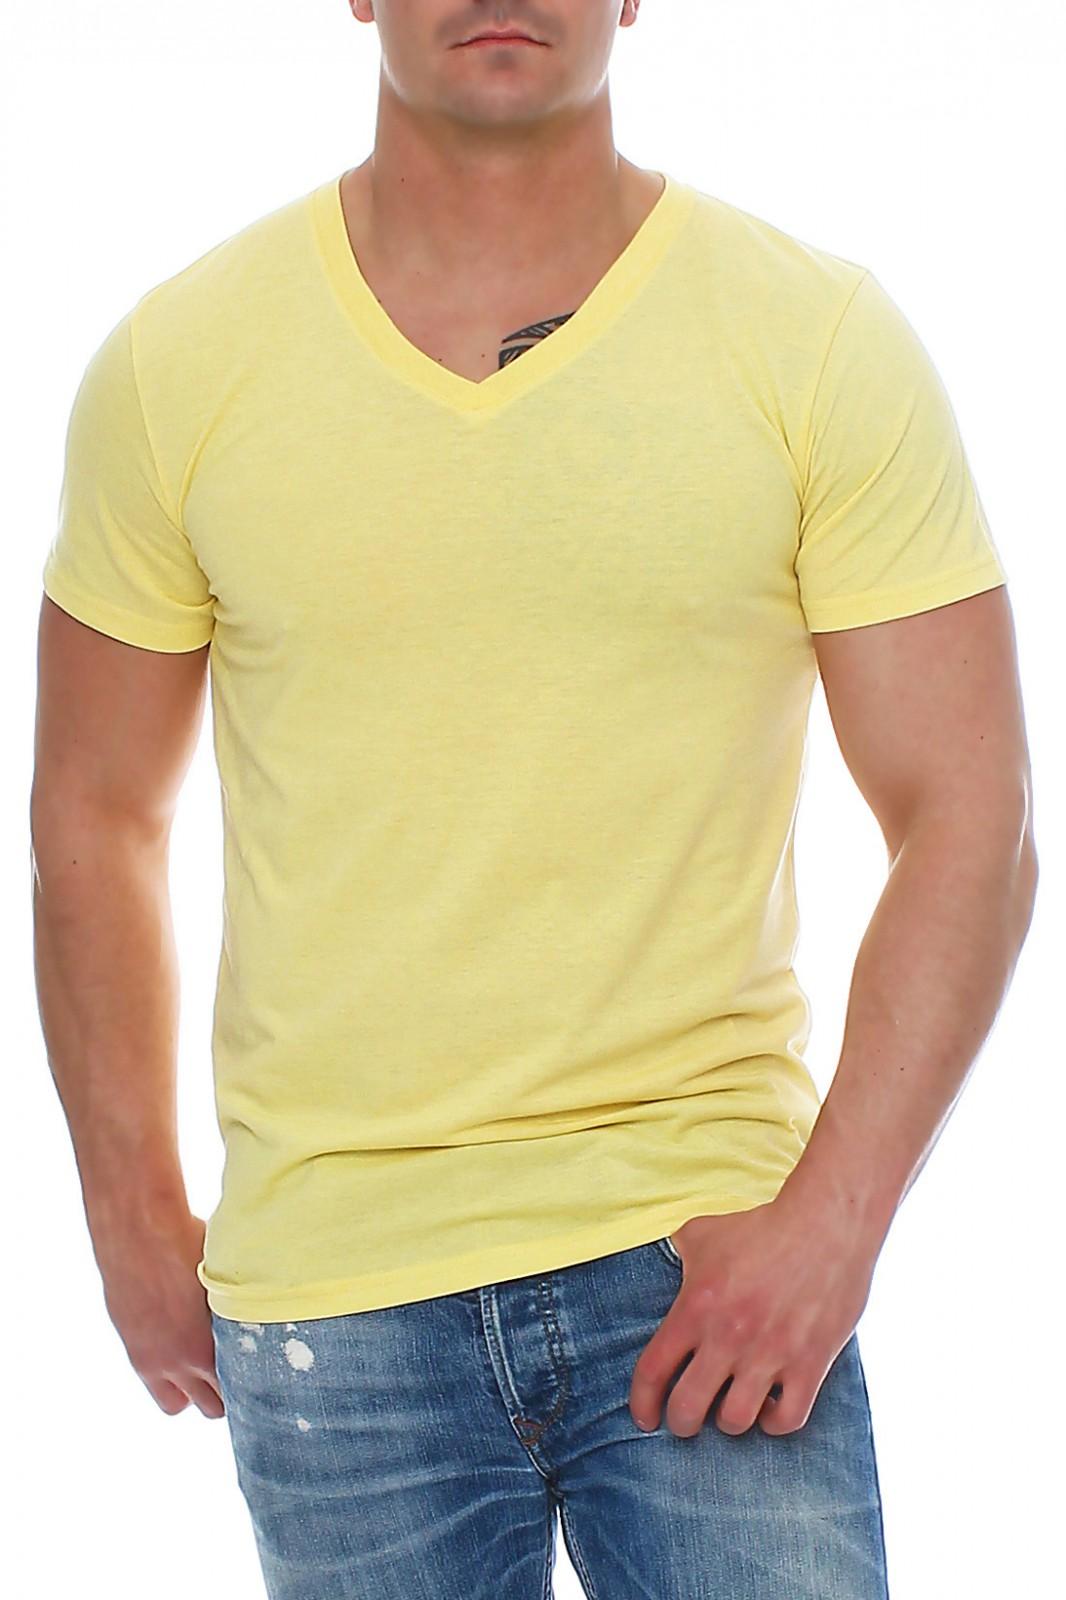 6cf98521dbd7a8 Herren T-Shirt V-Ausschnitt Meliert Comfort Bügelfrei – Bild 4